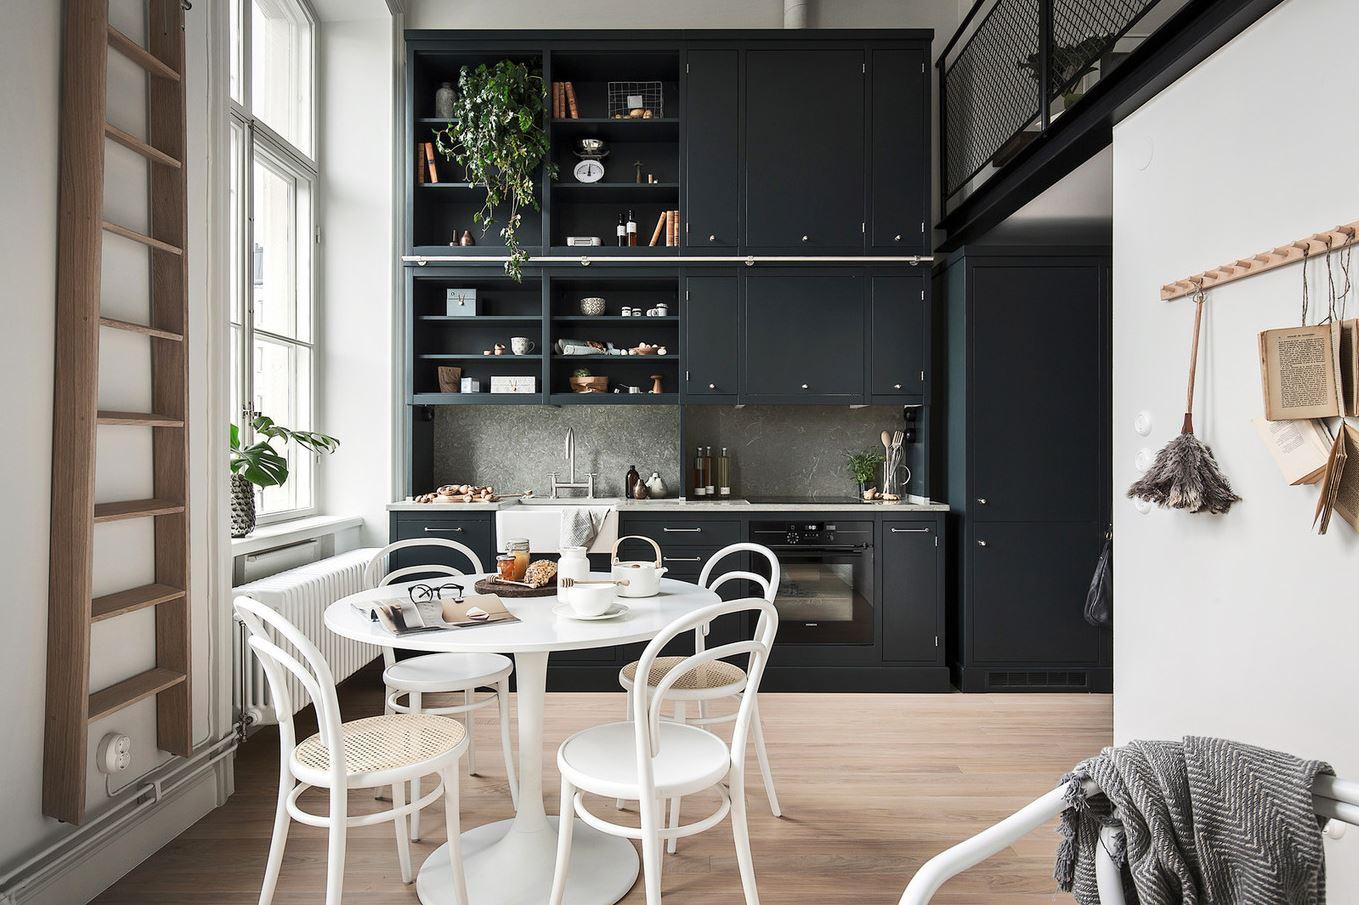 Черная кухня в интерьере: дизайн, фото